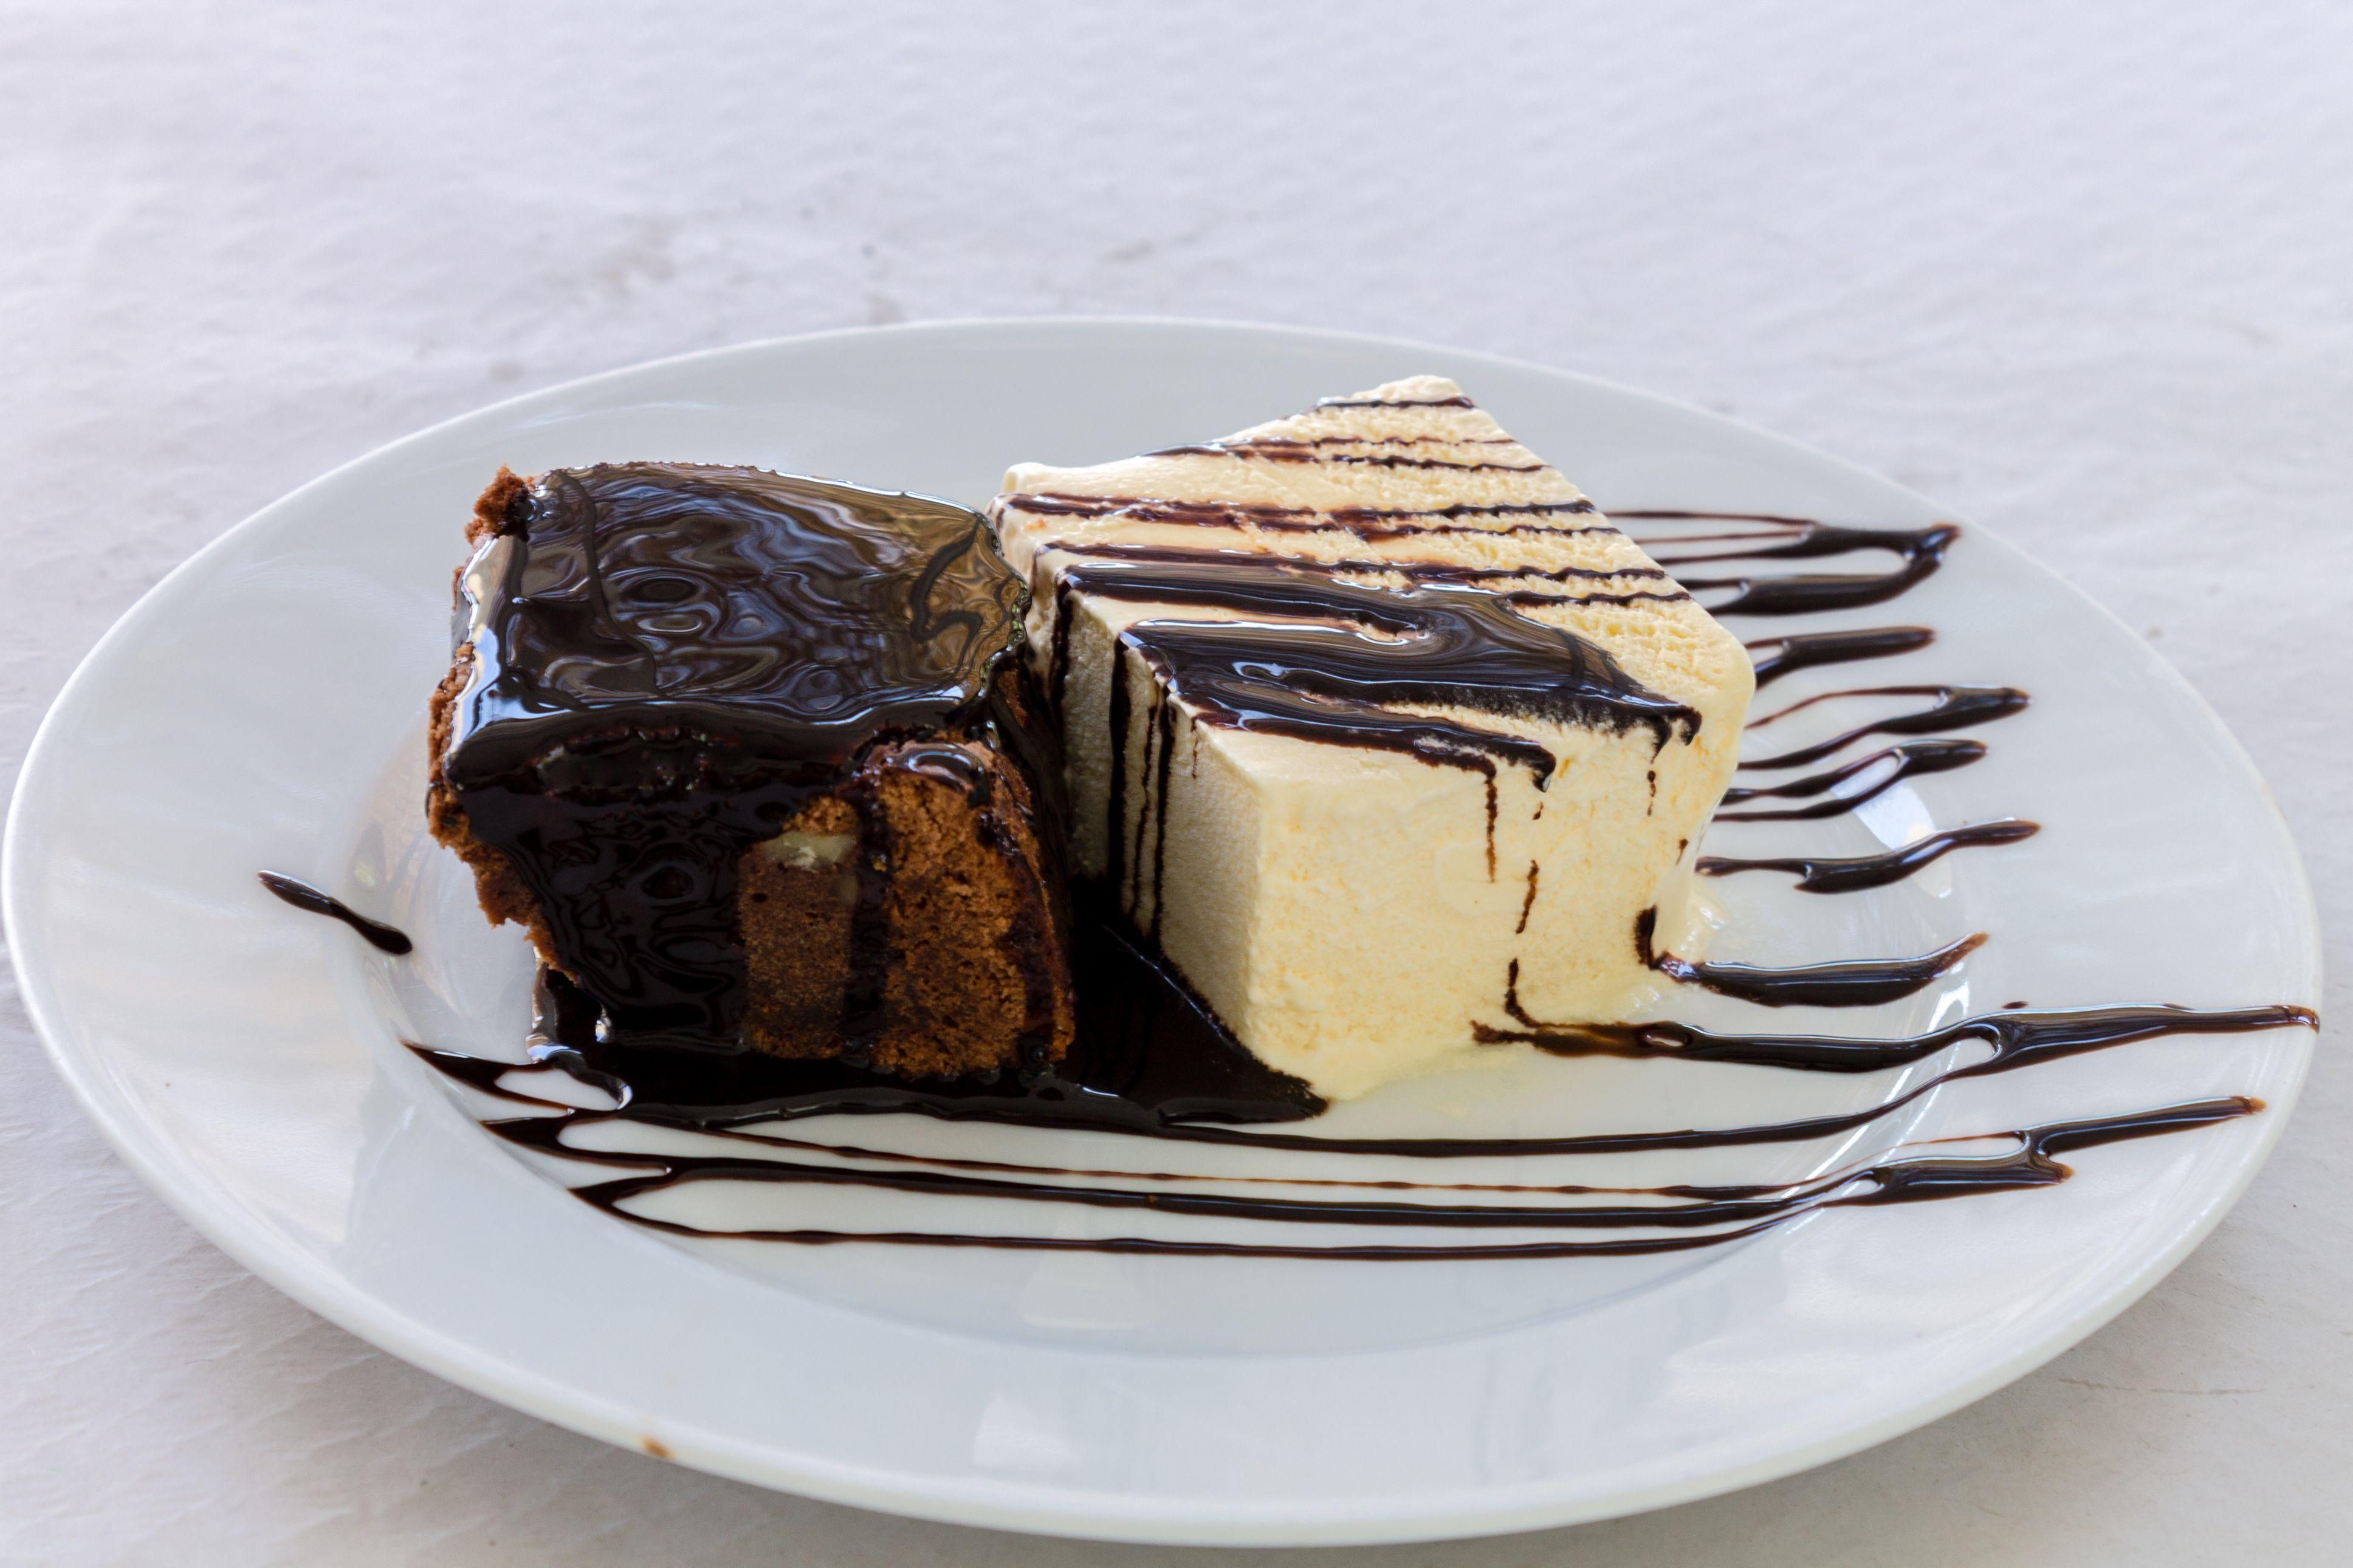 Brownie con helado de vainilla